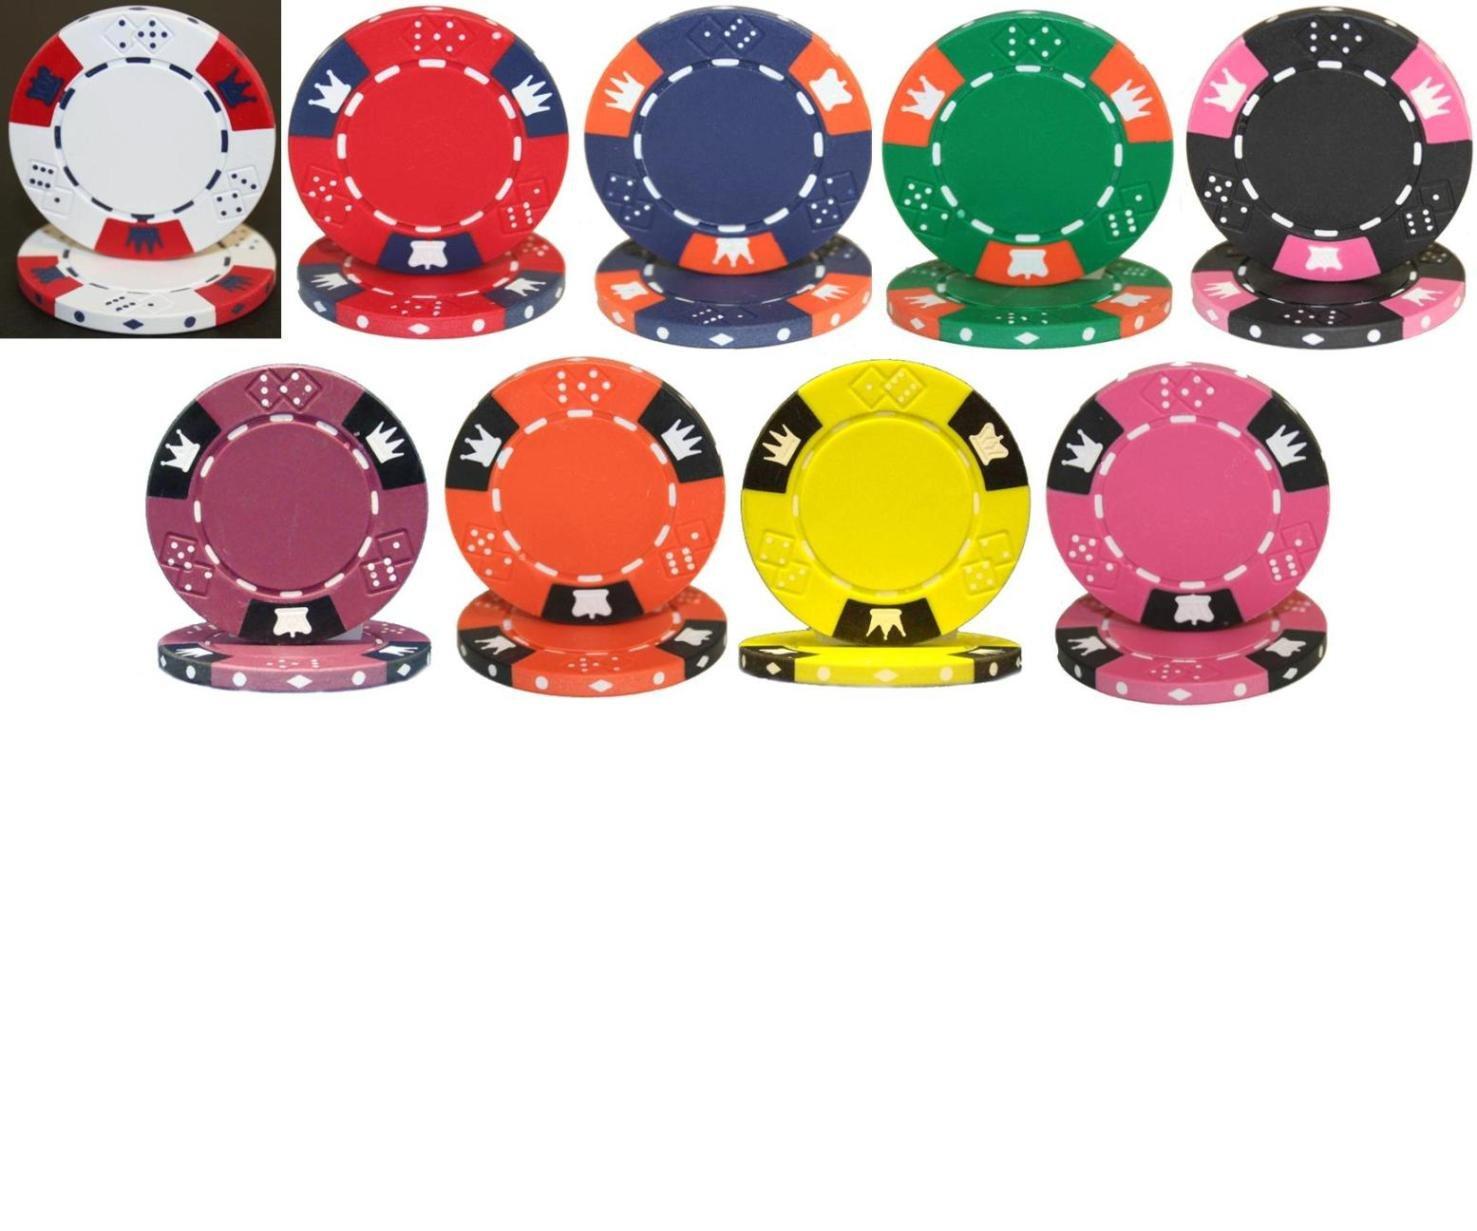 絶妙なデザイン 25 Chips - Crown & Dice 14gm Clay Poker Chips Clay - Choose Chips B003BWBFN0, アムリット動物長生き研究所:e2f08545 --- arianechie.dominiotemporario.com